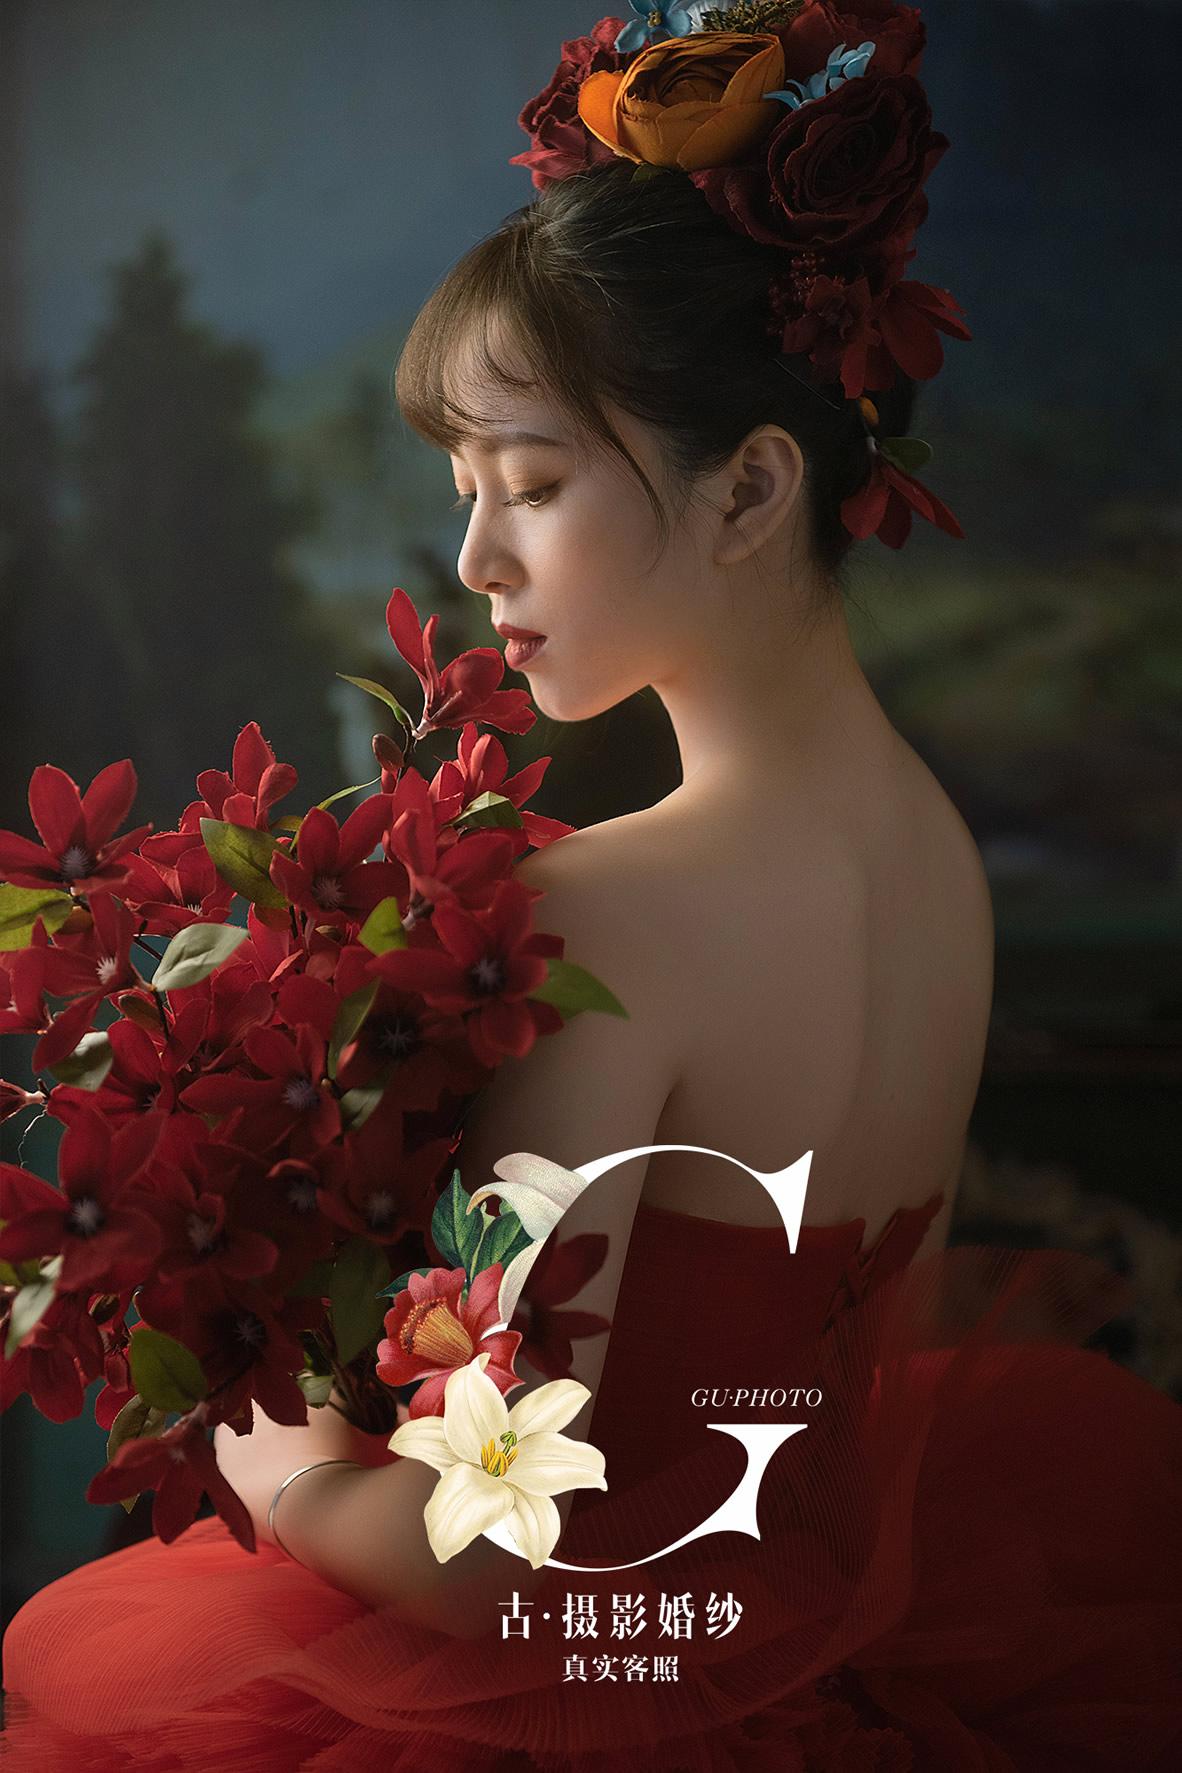 吴先生 涂小姐 - 每日客照 - 古摄影婚纱艺术-古摄影成都婚纱摄影艺术摄影网